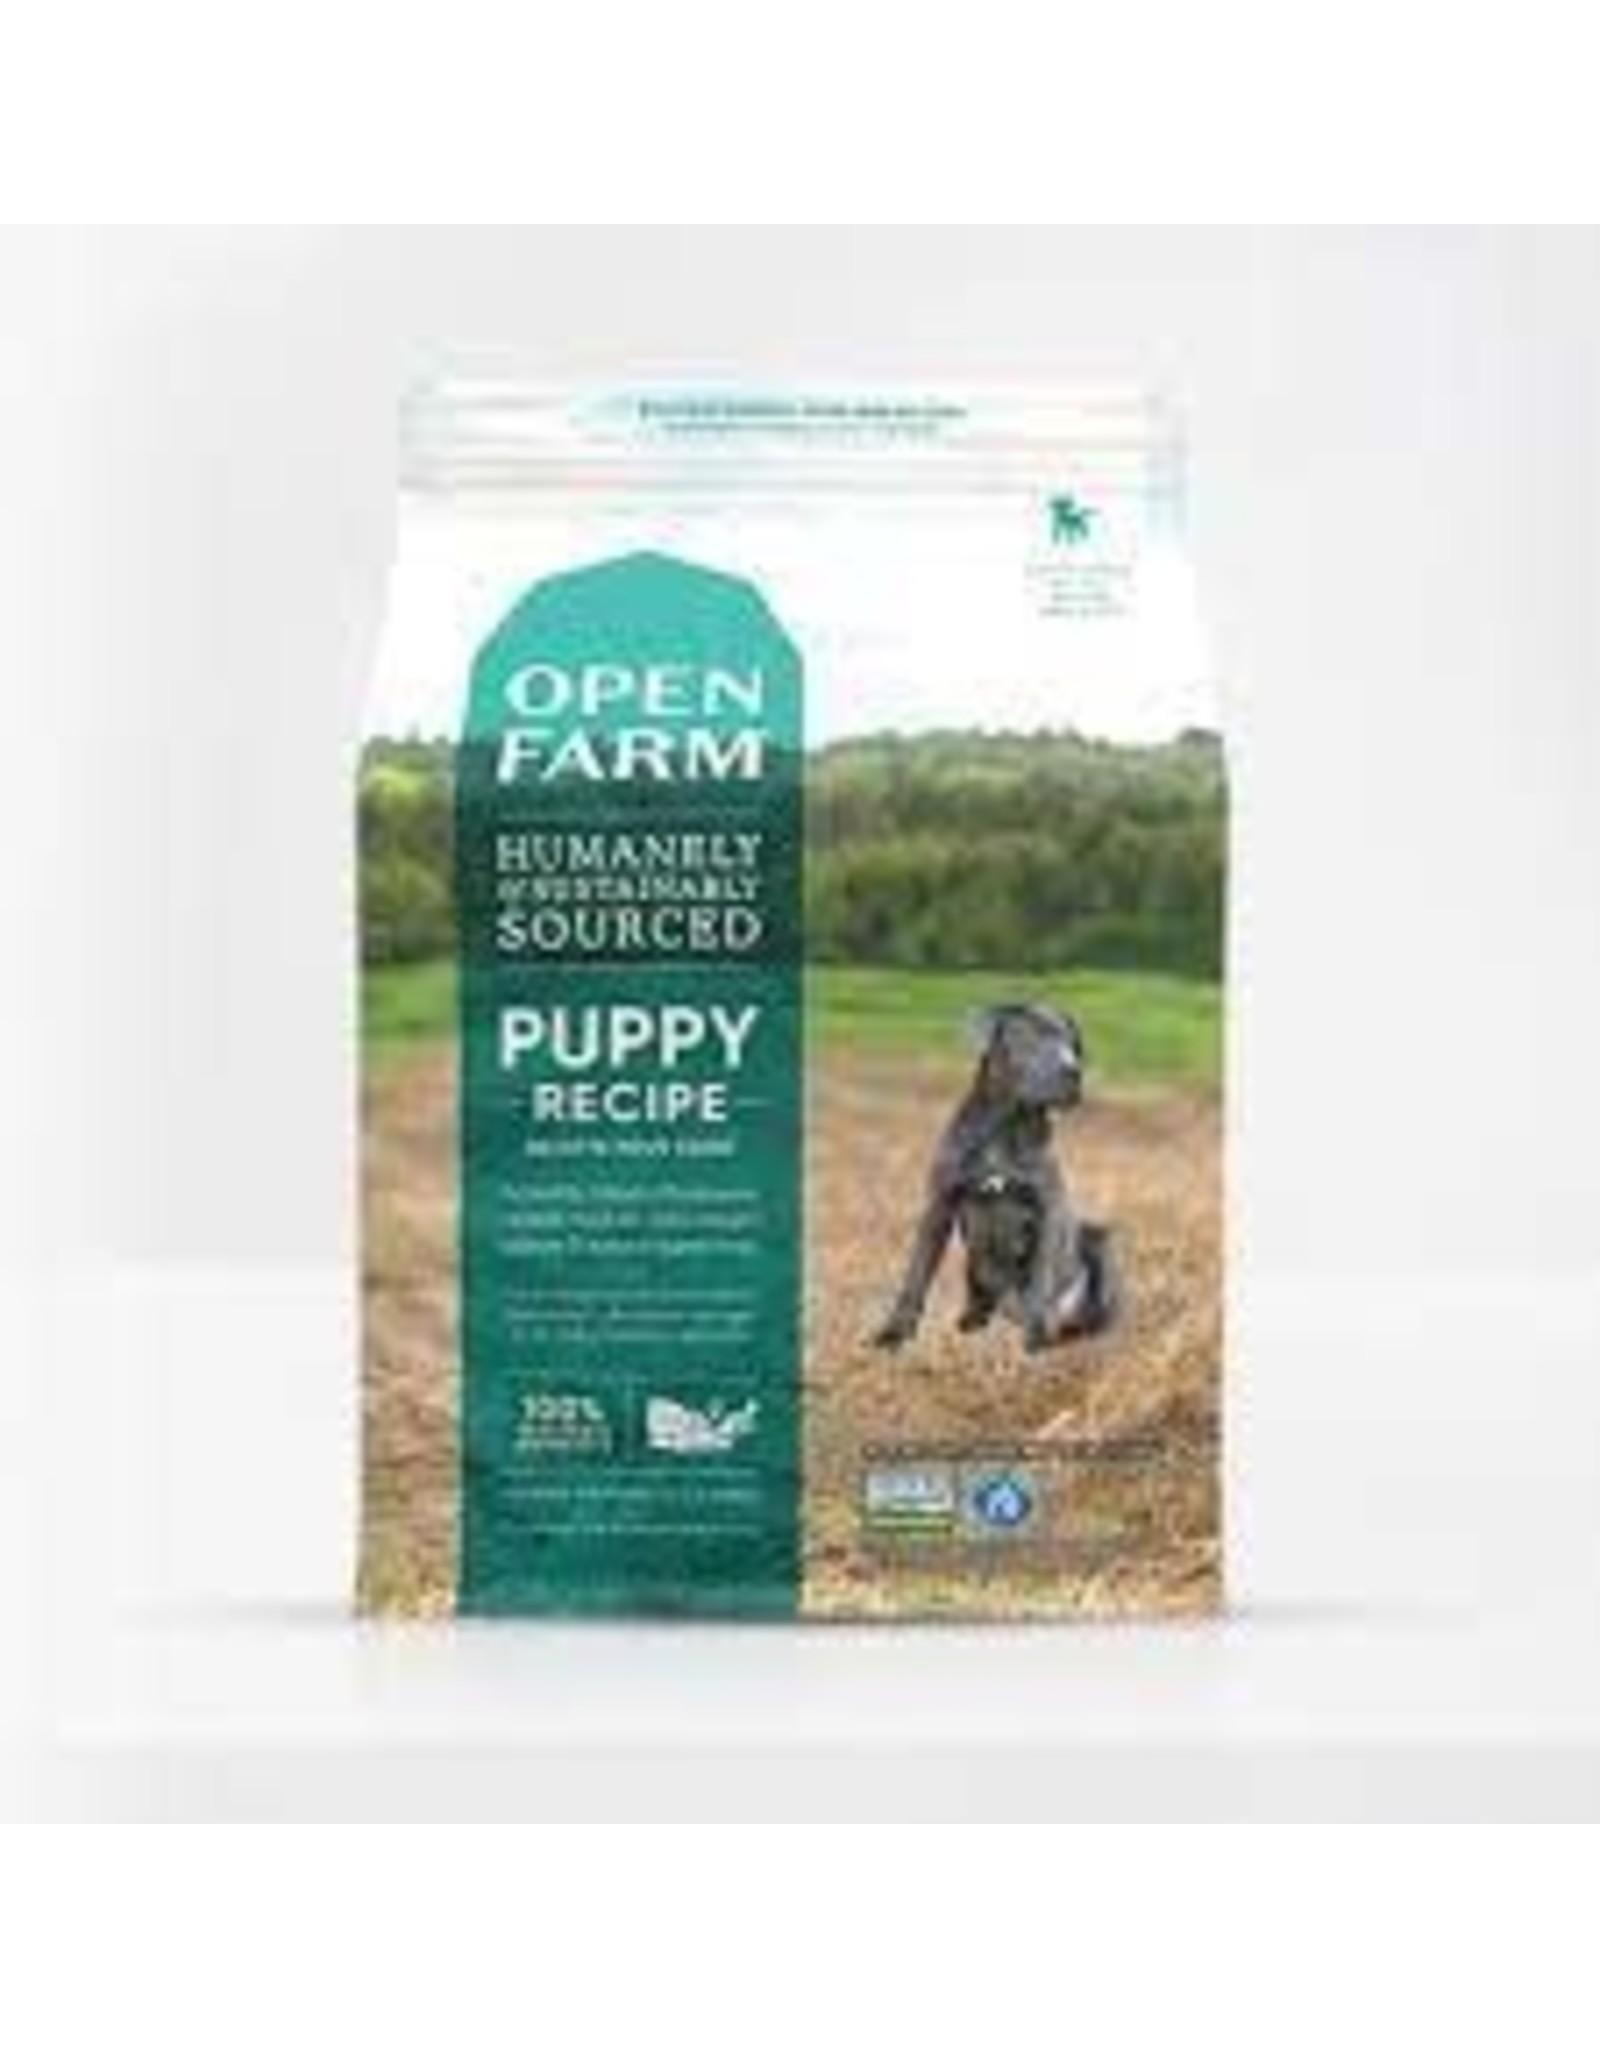 Open Farm Puppy Recipe